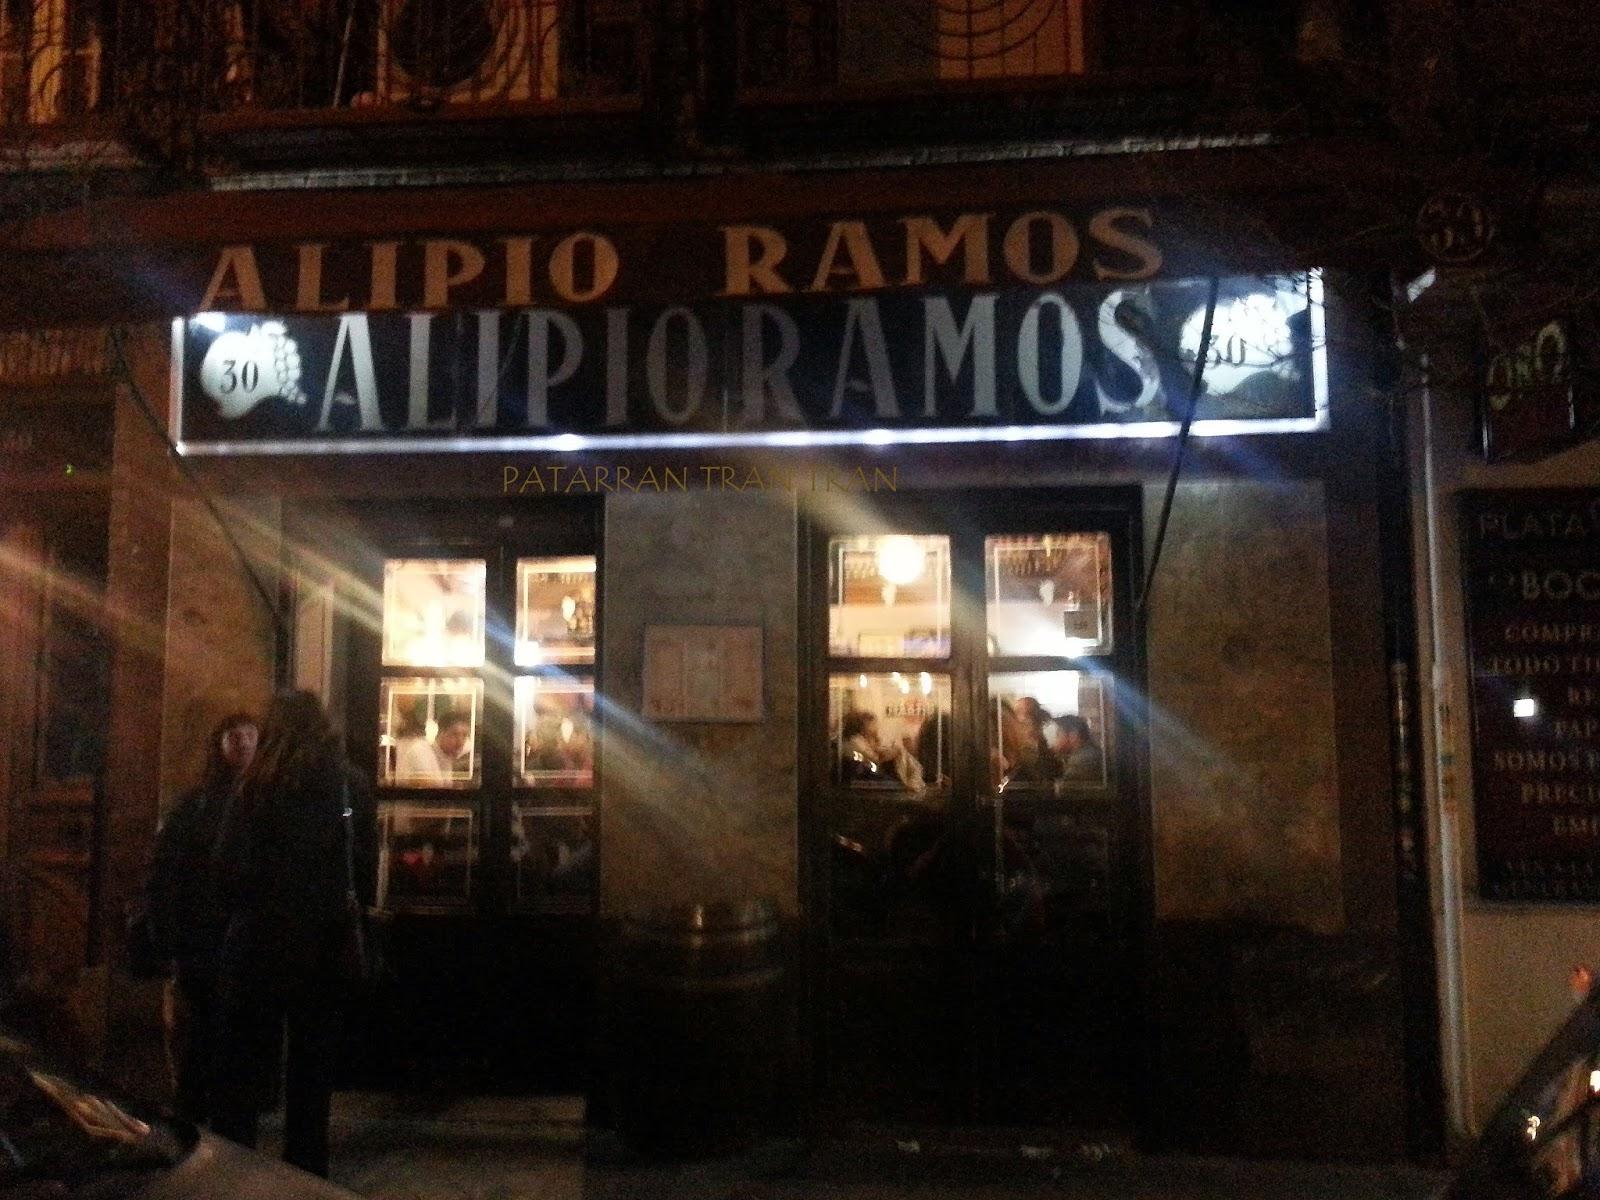 Alipio Ramos. Inspeccion Tabernaria. Calle Ponzano y aledaños